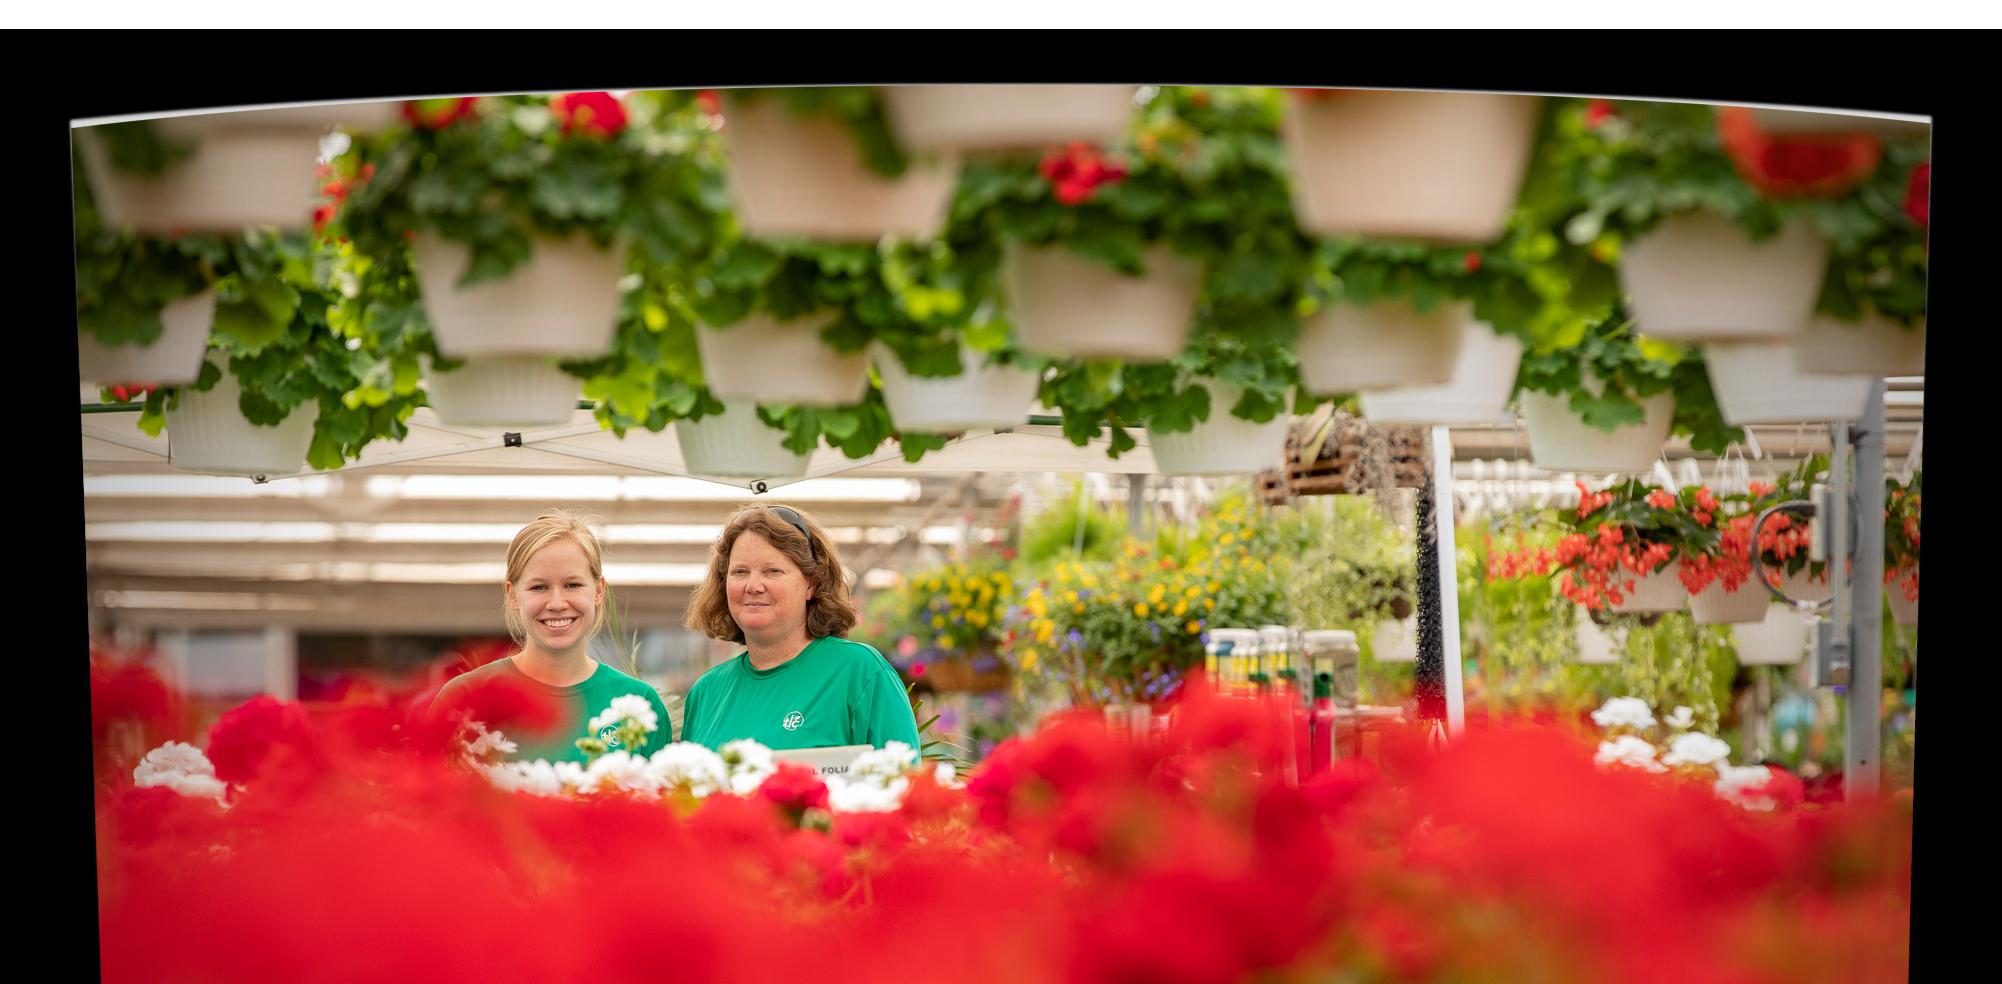 Jobs at TLC Garden Centers